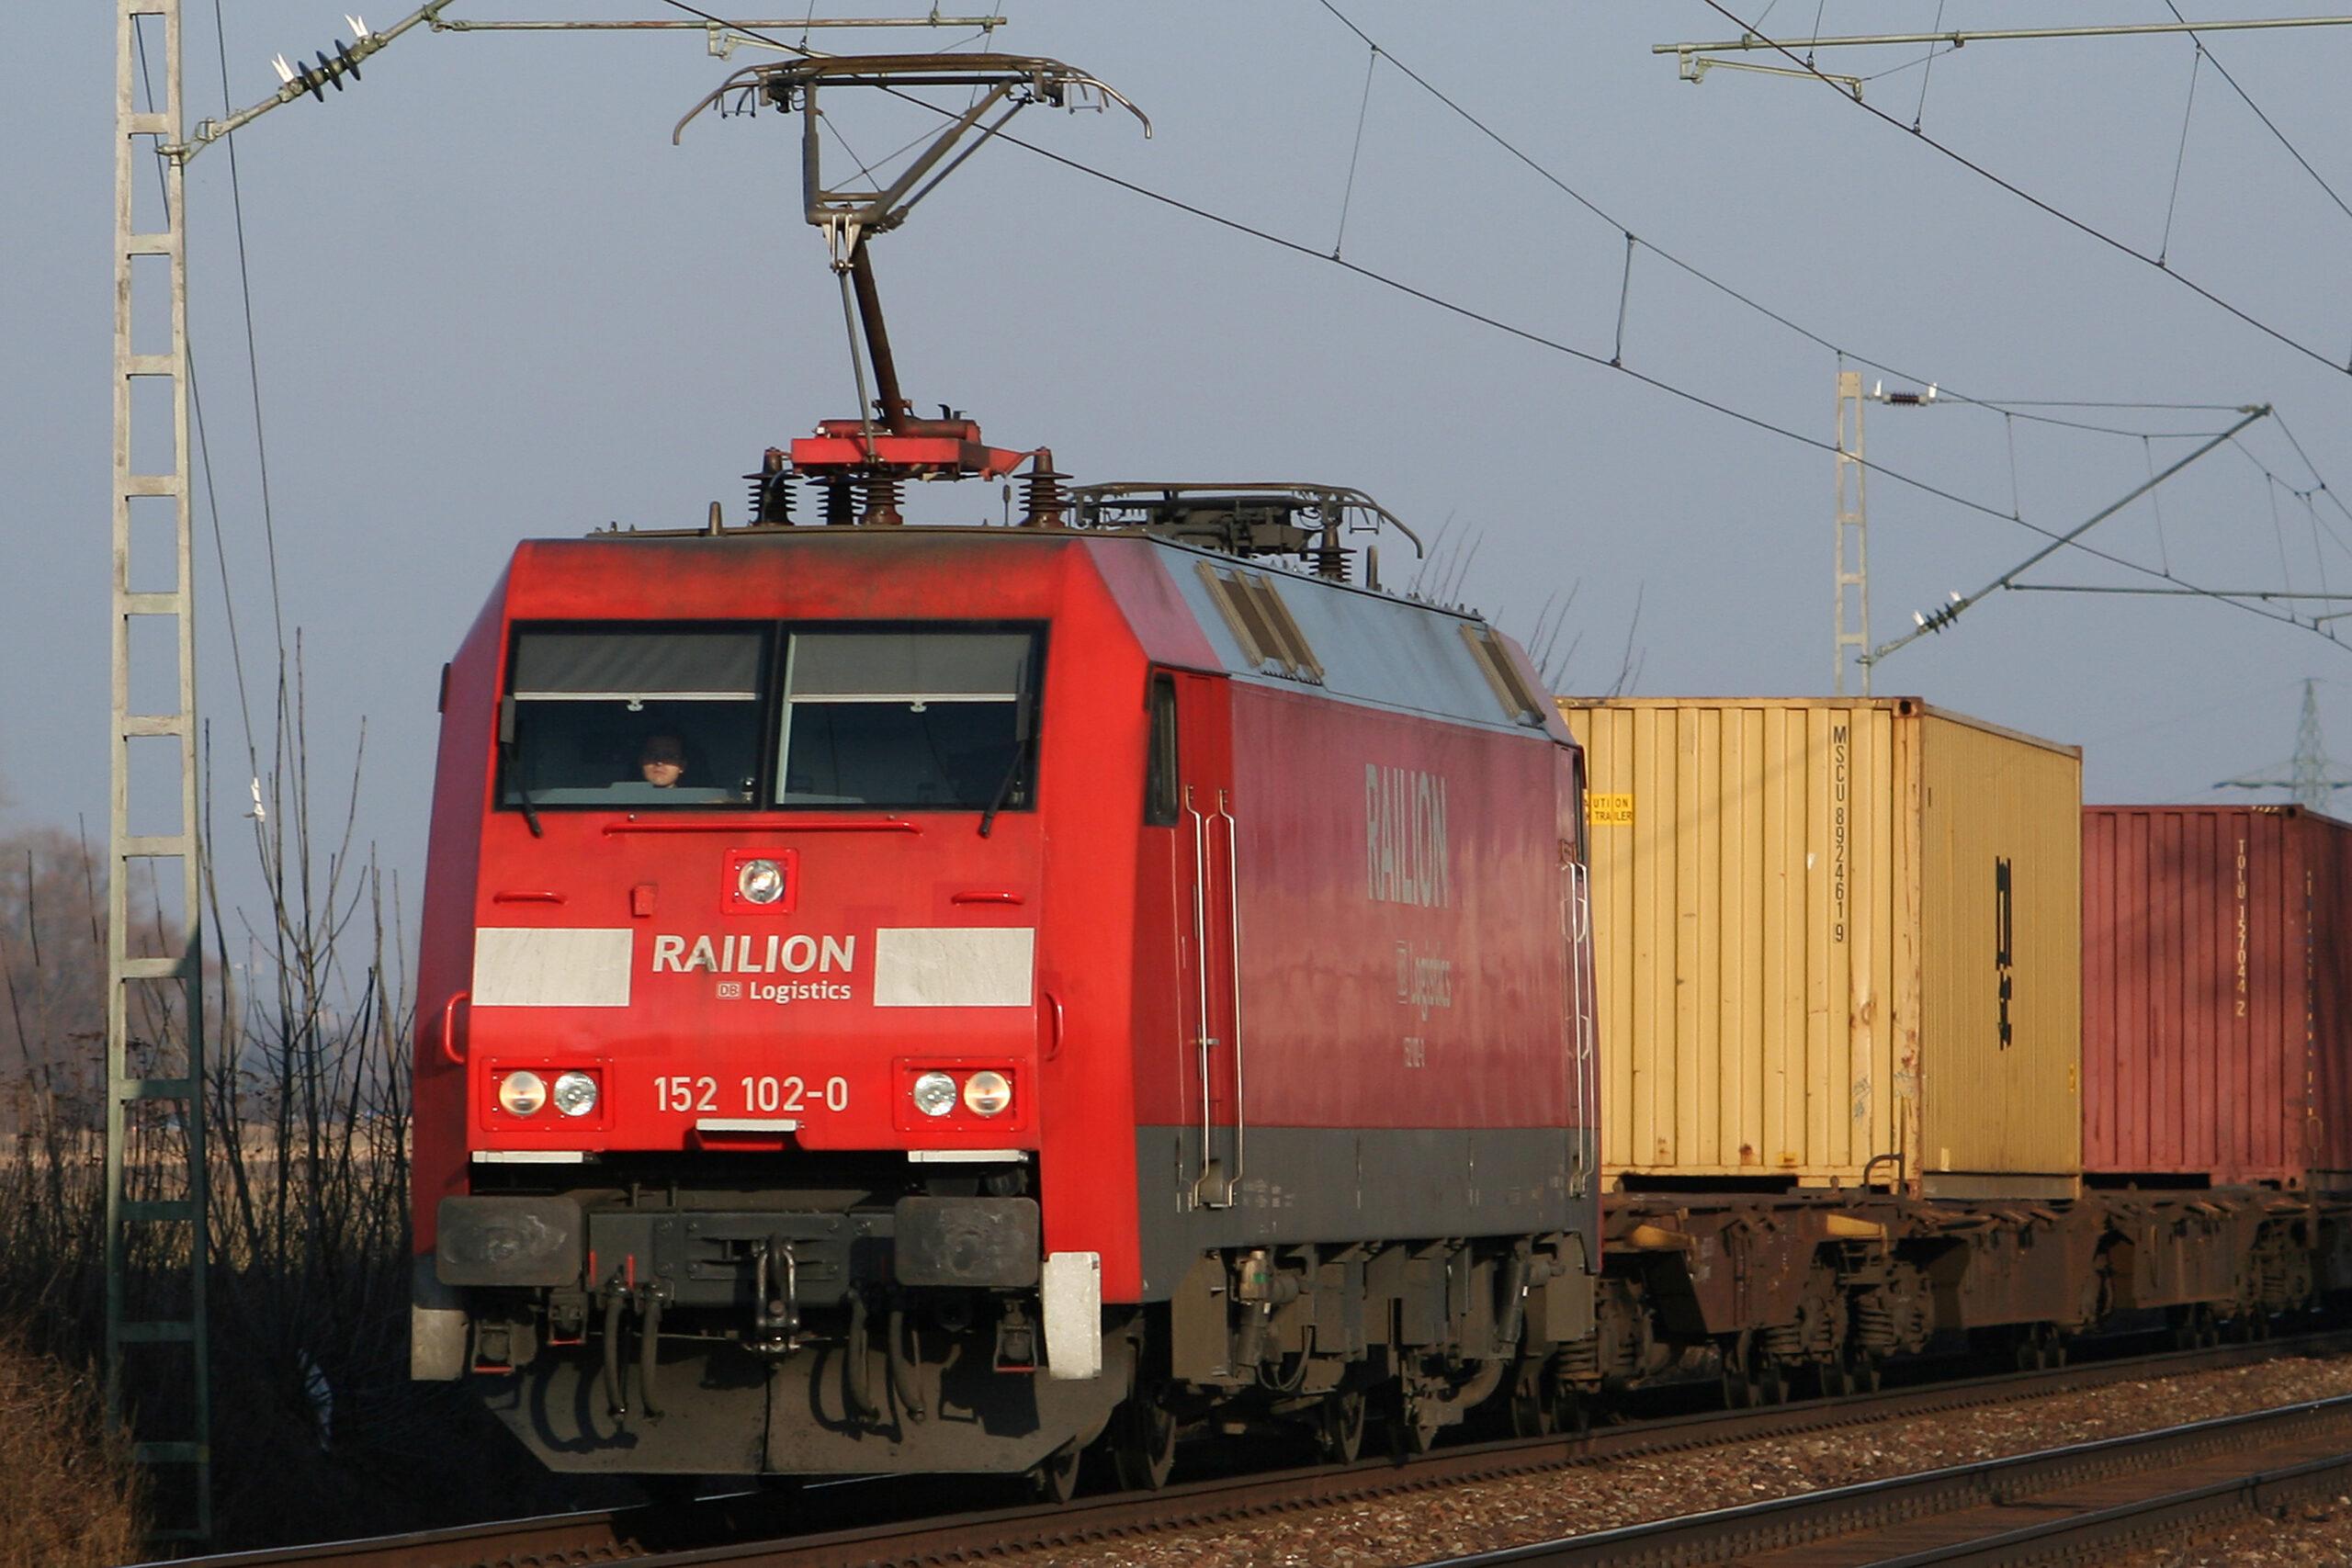 DB-Baureihe 152